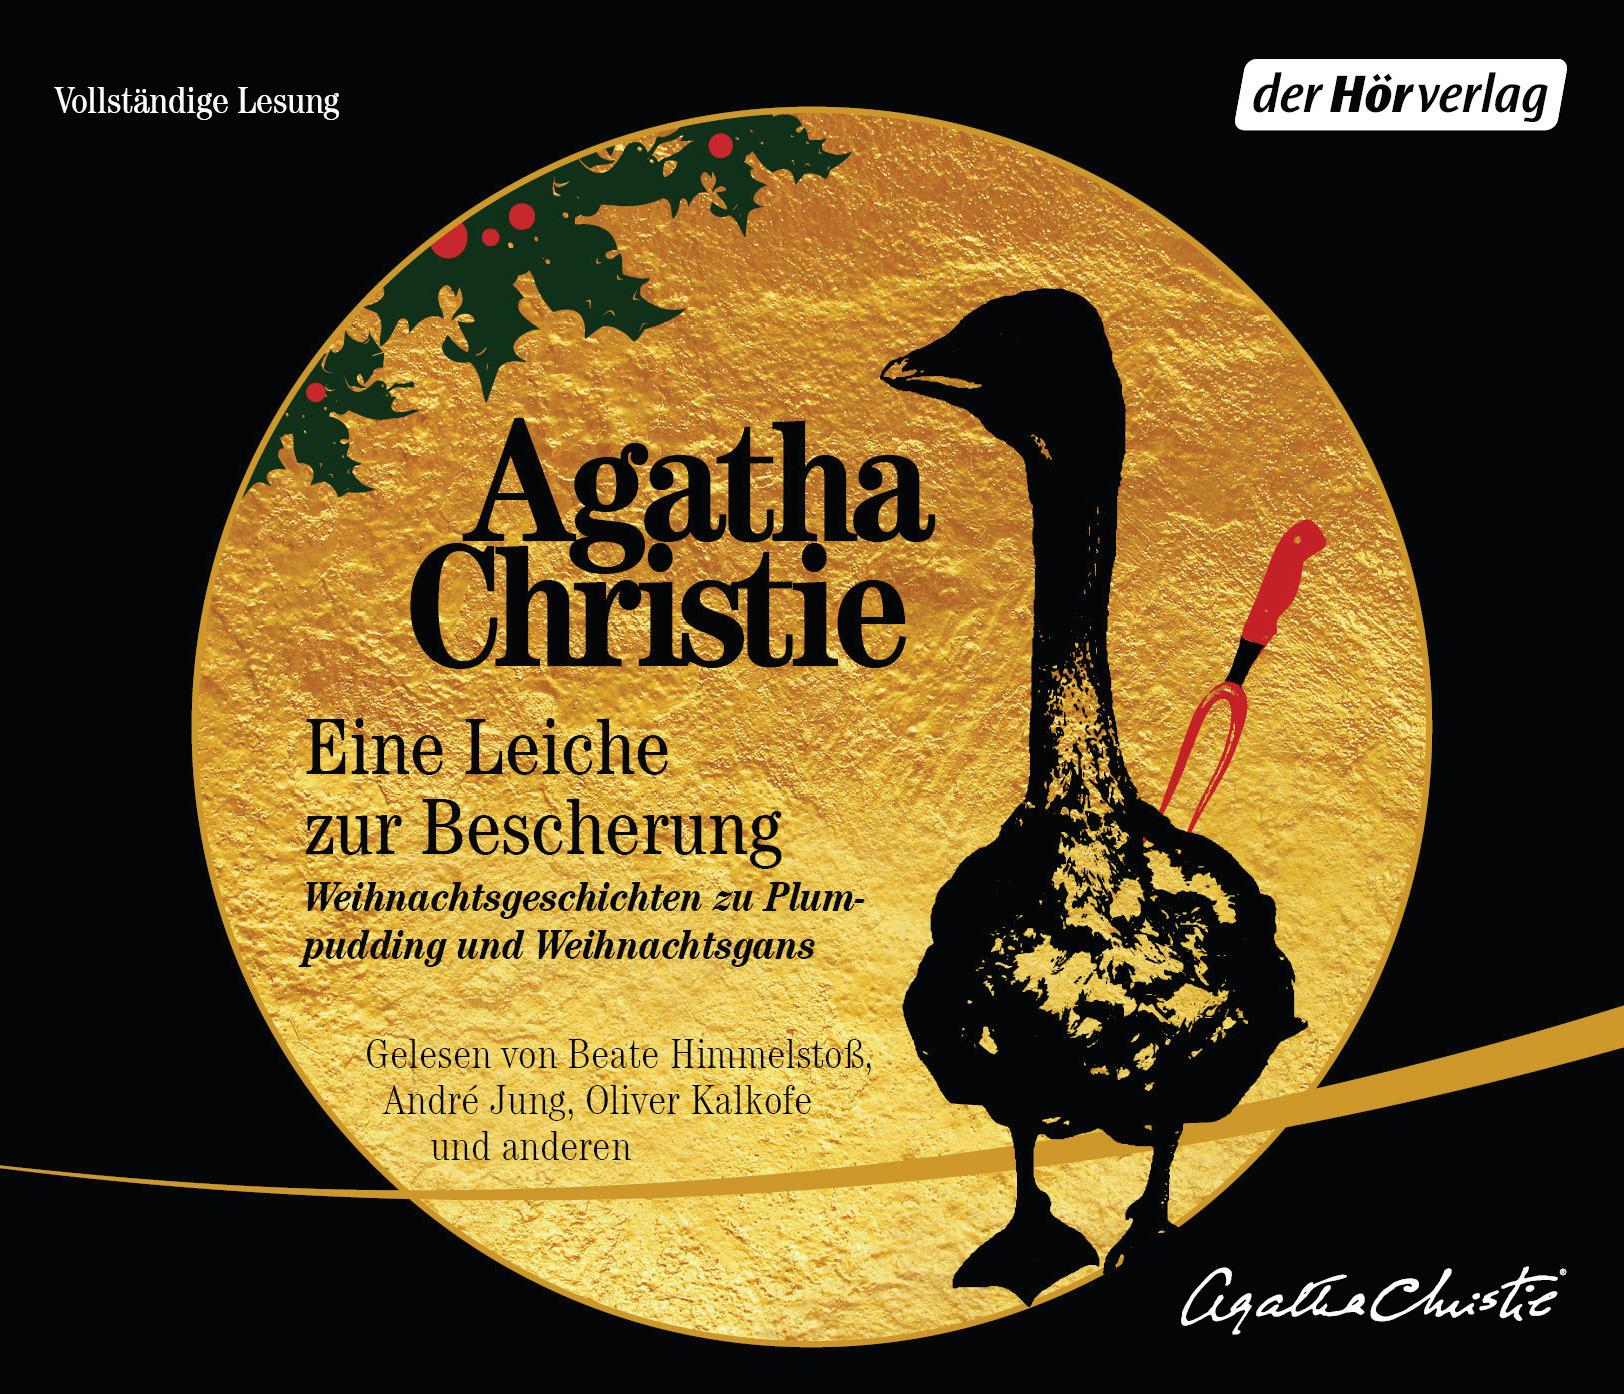 Agatha Christie - Eine Leiche zur Bescherung: Weihnachtsgeschichten zu Plumpudding und Weihnachtsgans